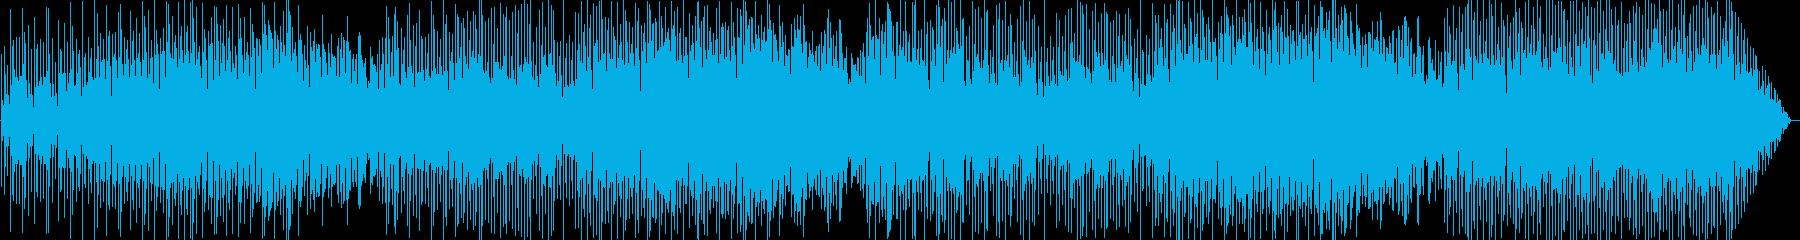 明るくハネてるBGM。の再生済みの波形